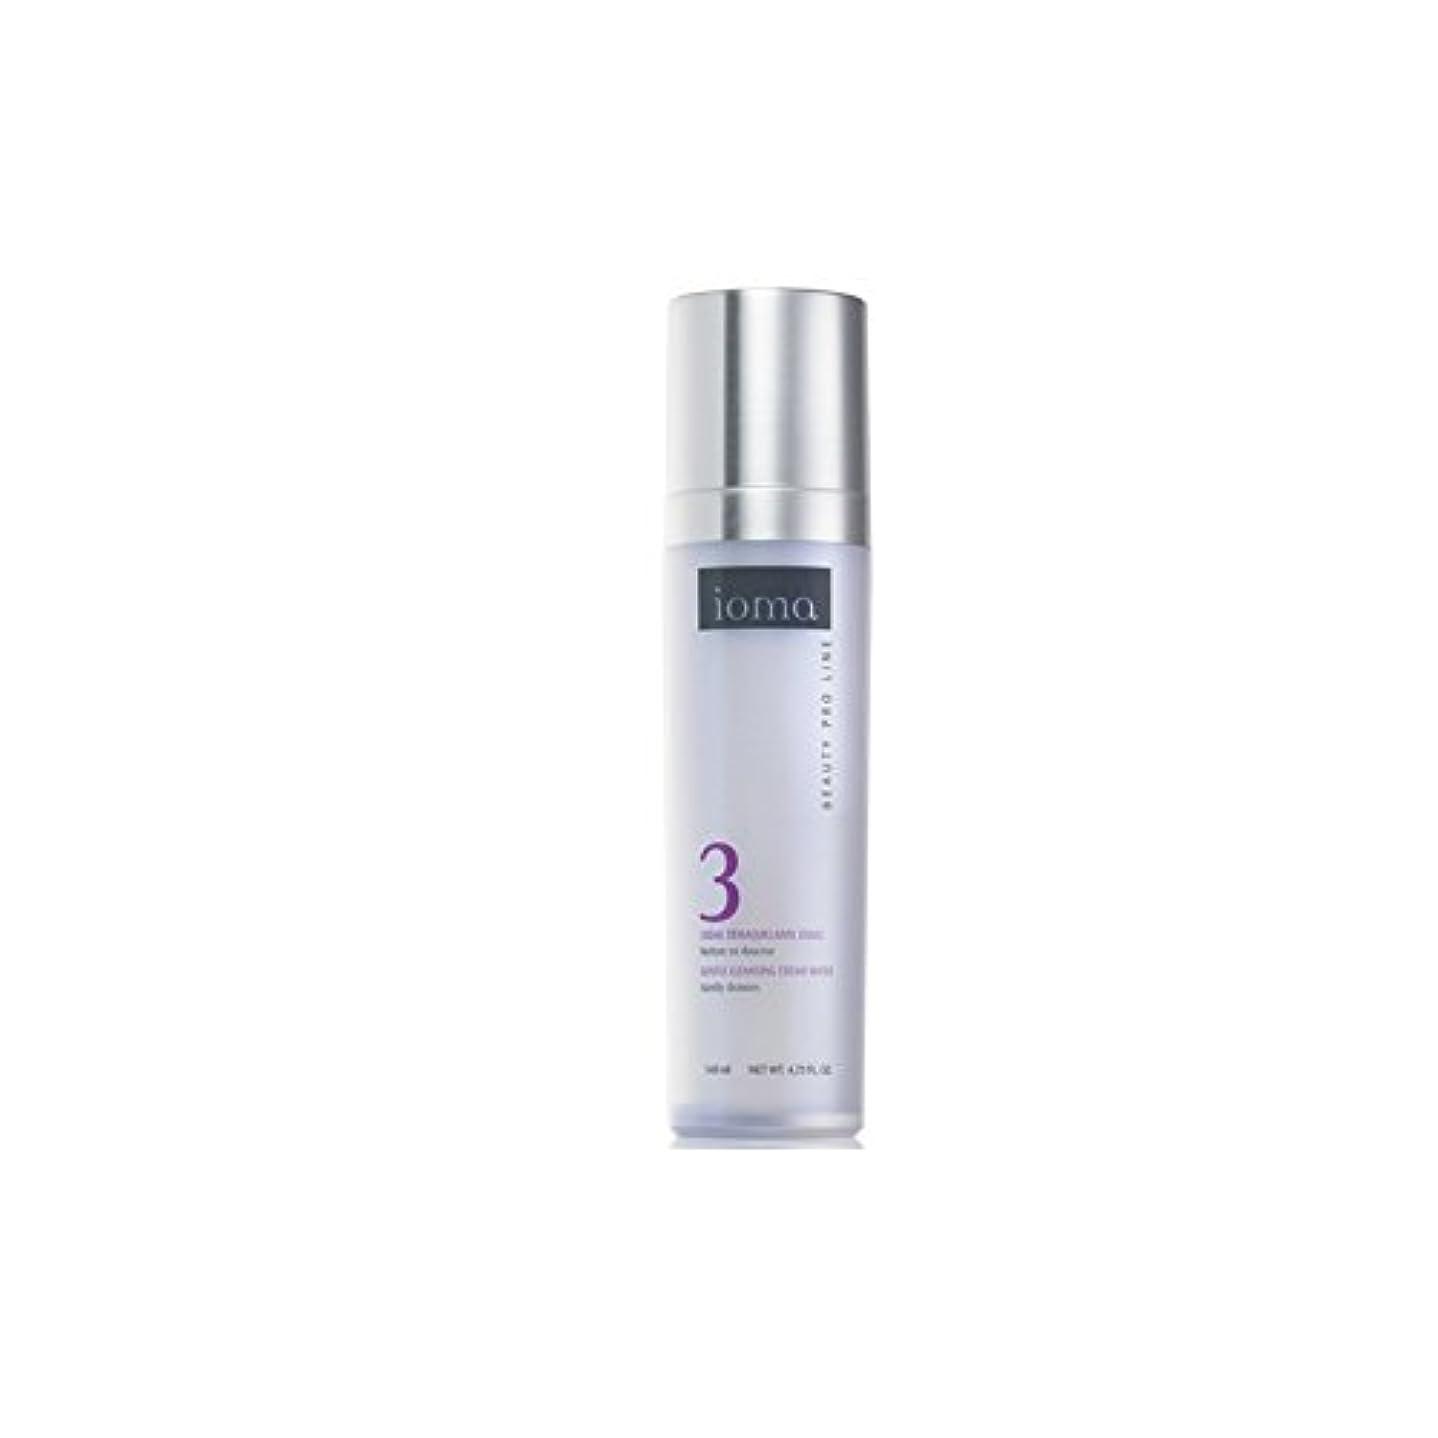 十分ではない日焼け食い違いIoma Gentle Cleansing Cream Water 140ml (Pack of 6) - ジェントルクレンジングクリーム水140ミリリットル x6 [並行輸入品]